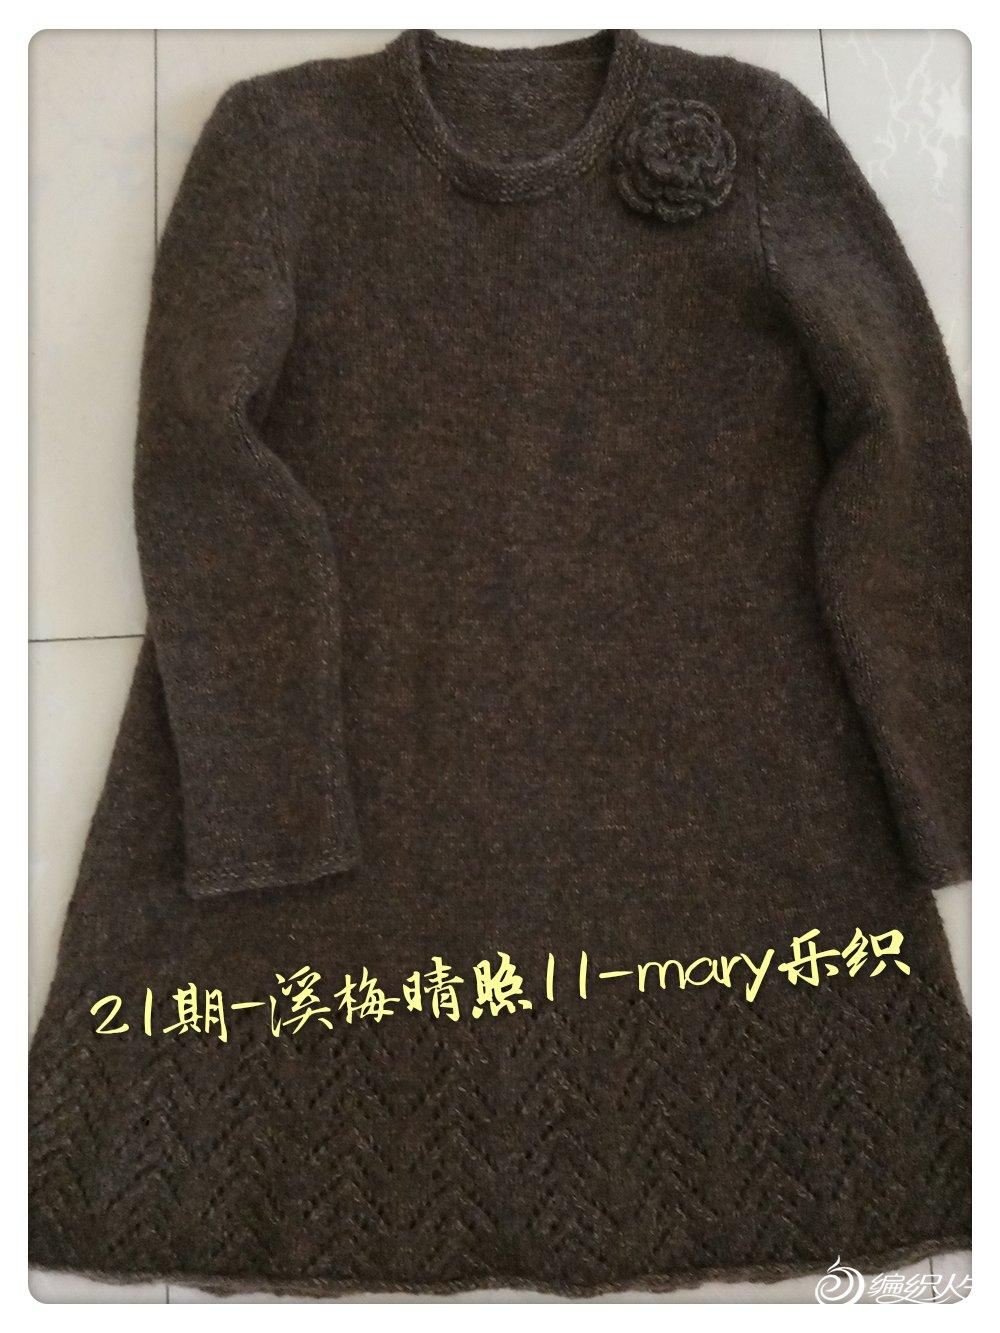 21期-溪梅晴照11-mary乐织.jpg